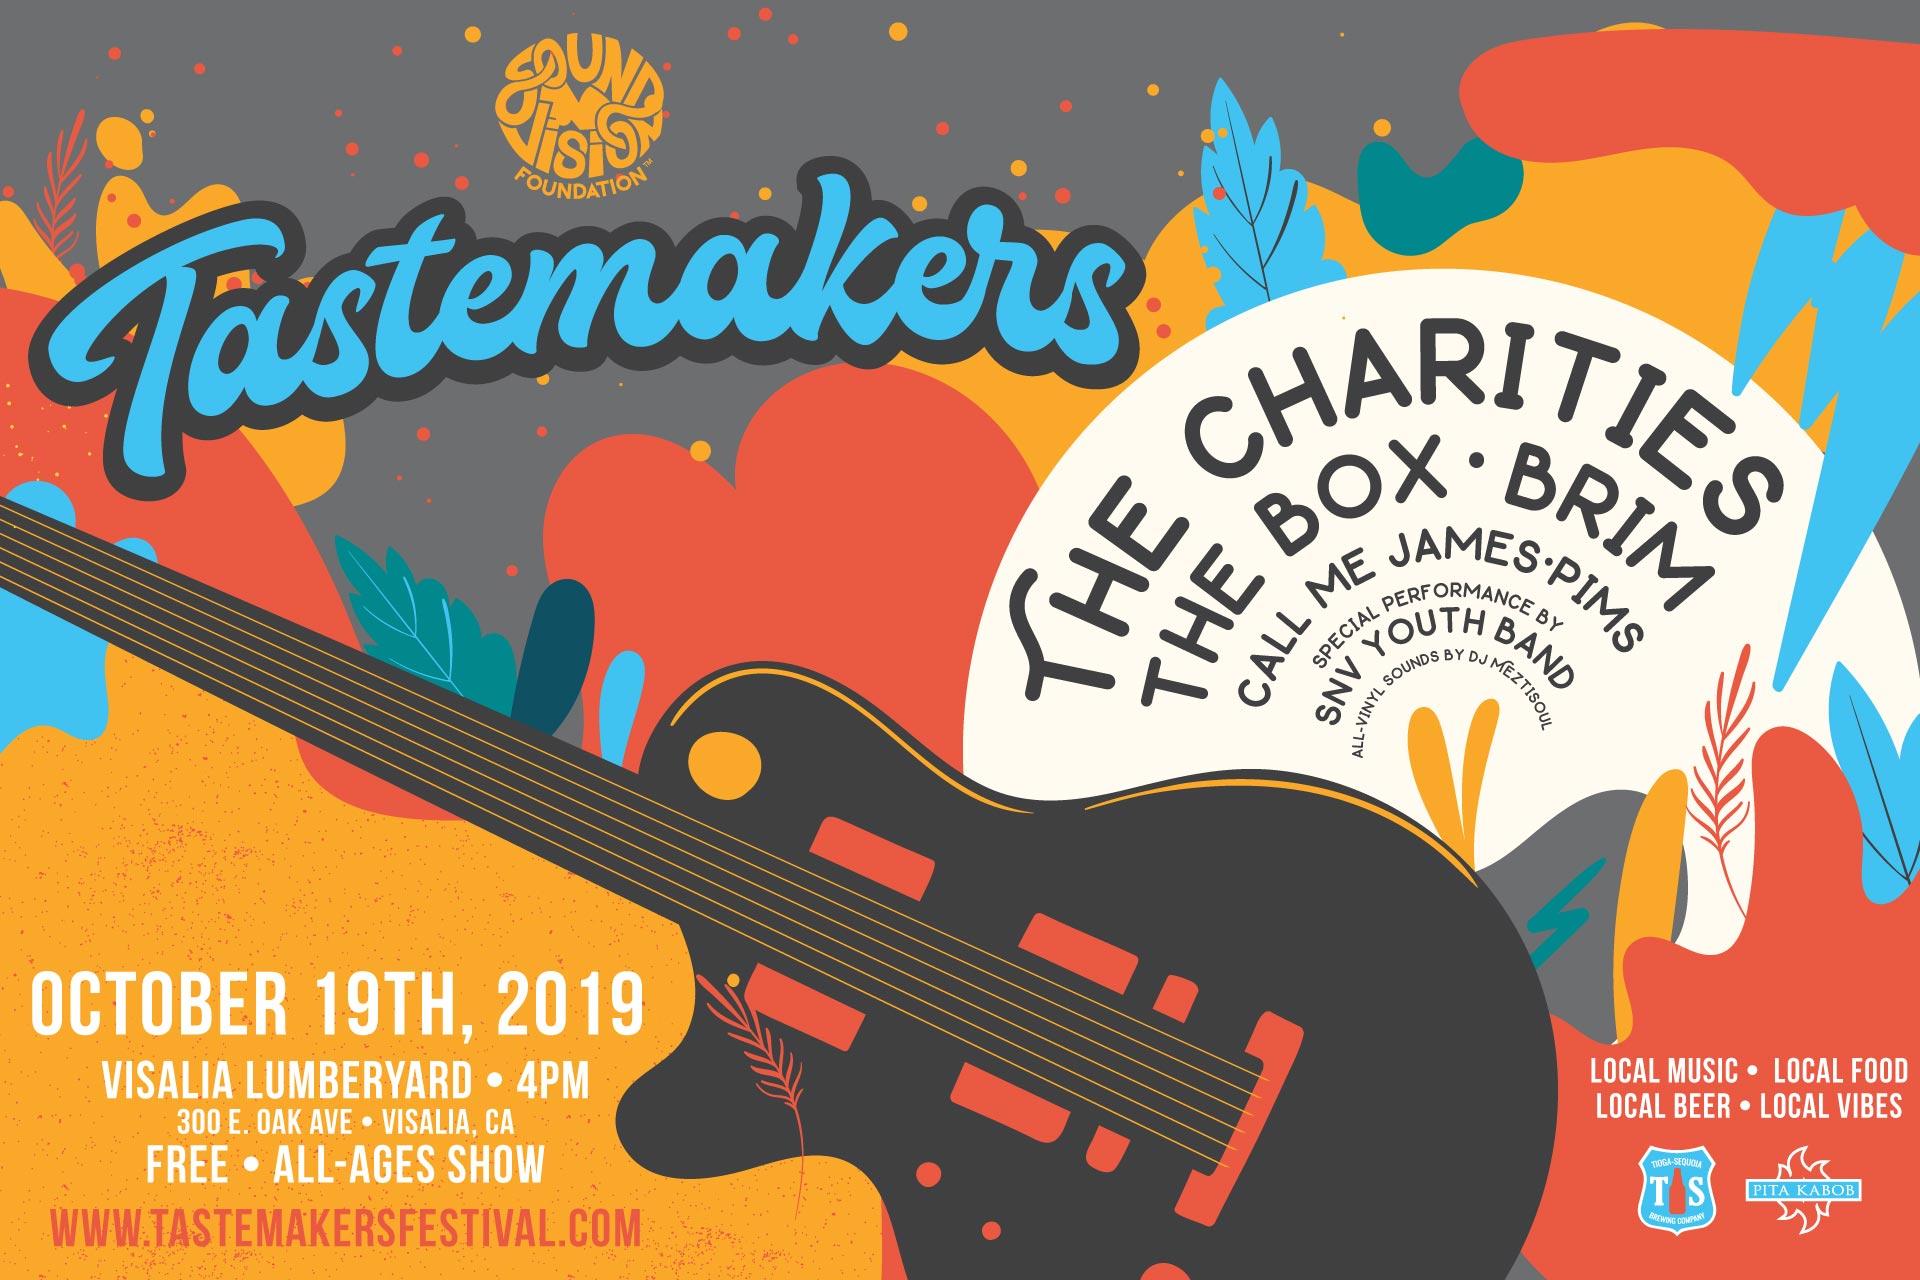 TastemakersFestival2019-EVENT